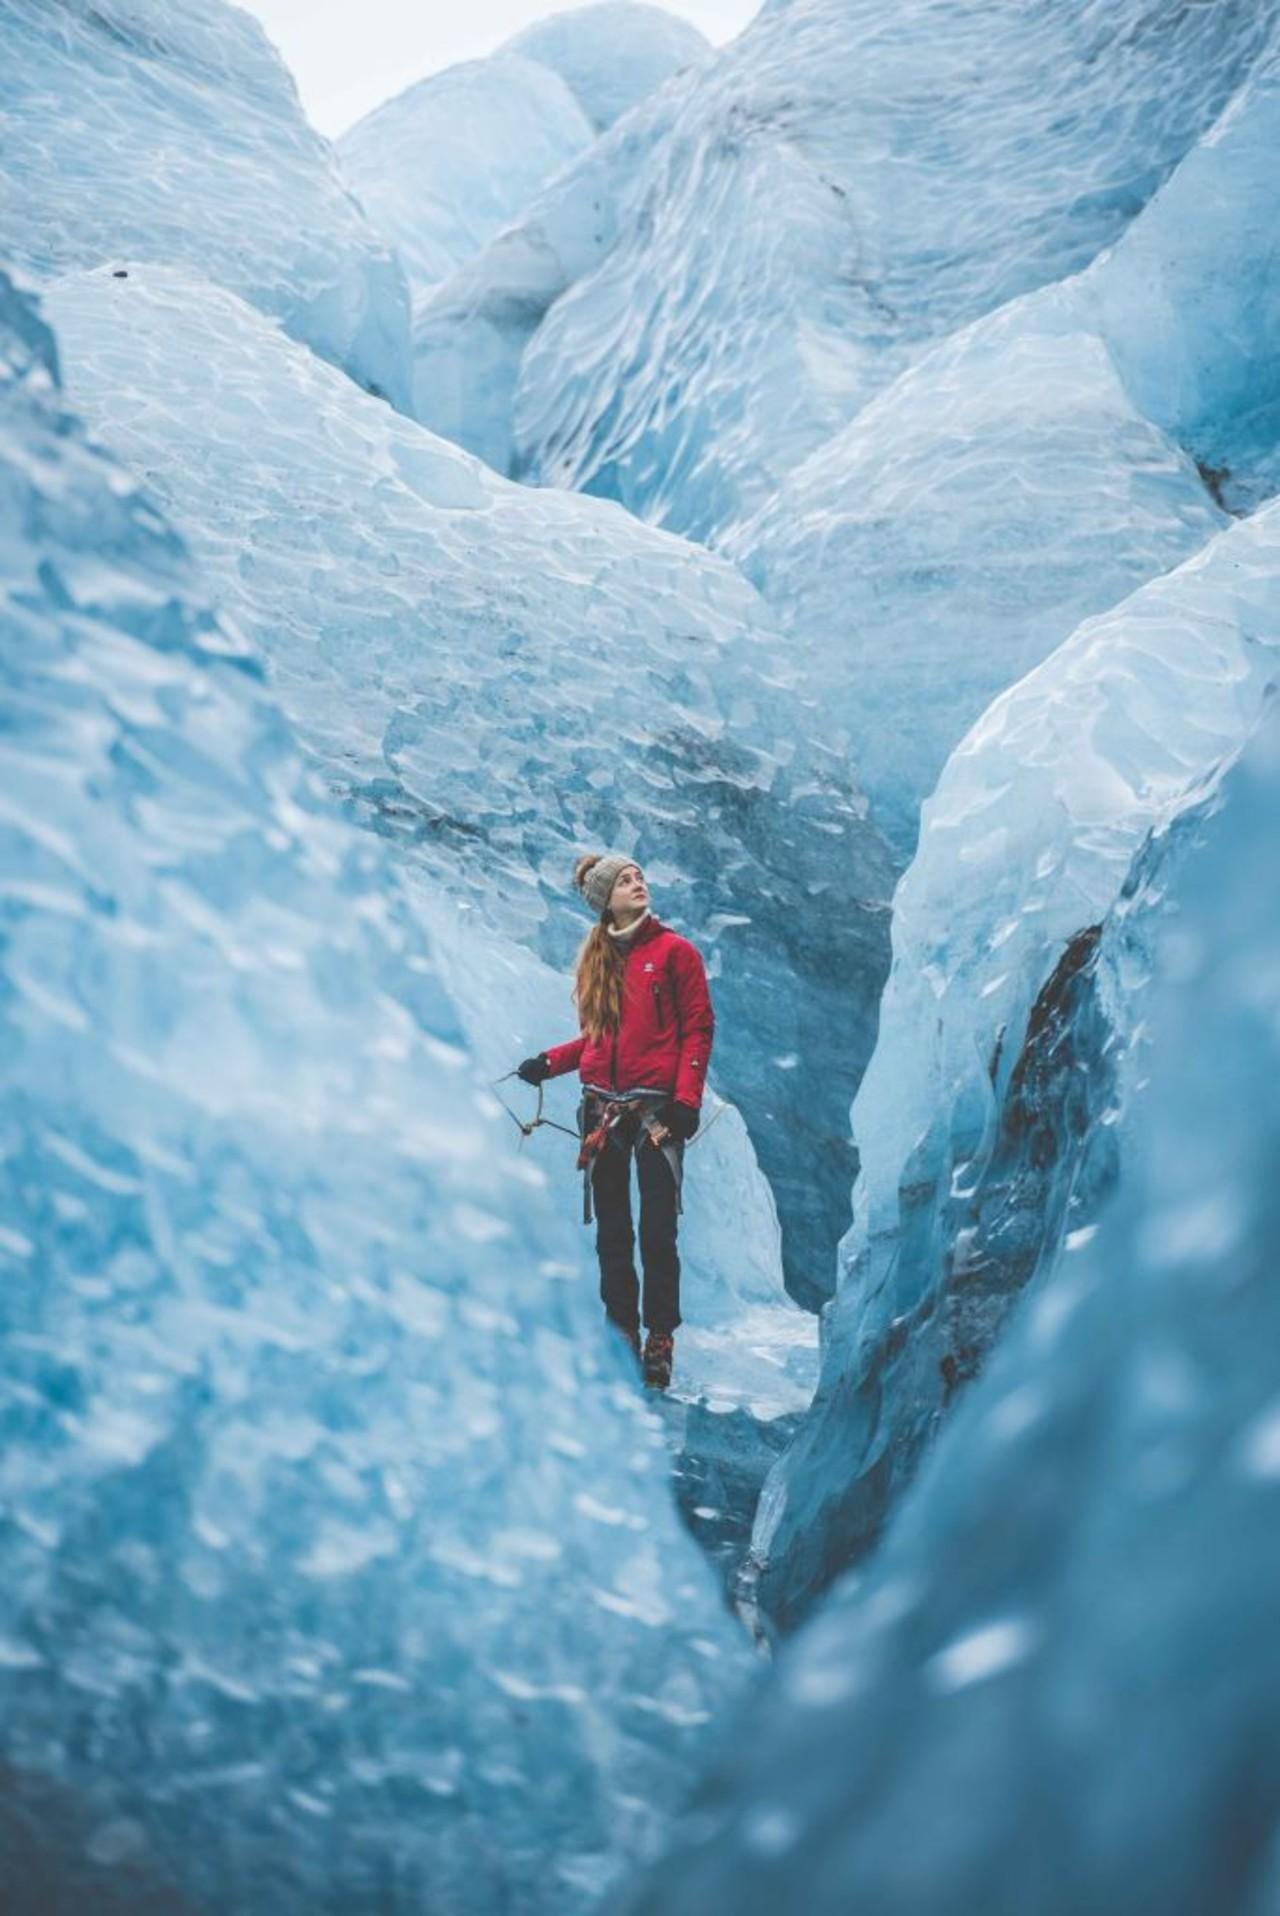 Woman on glacier